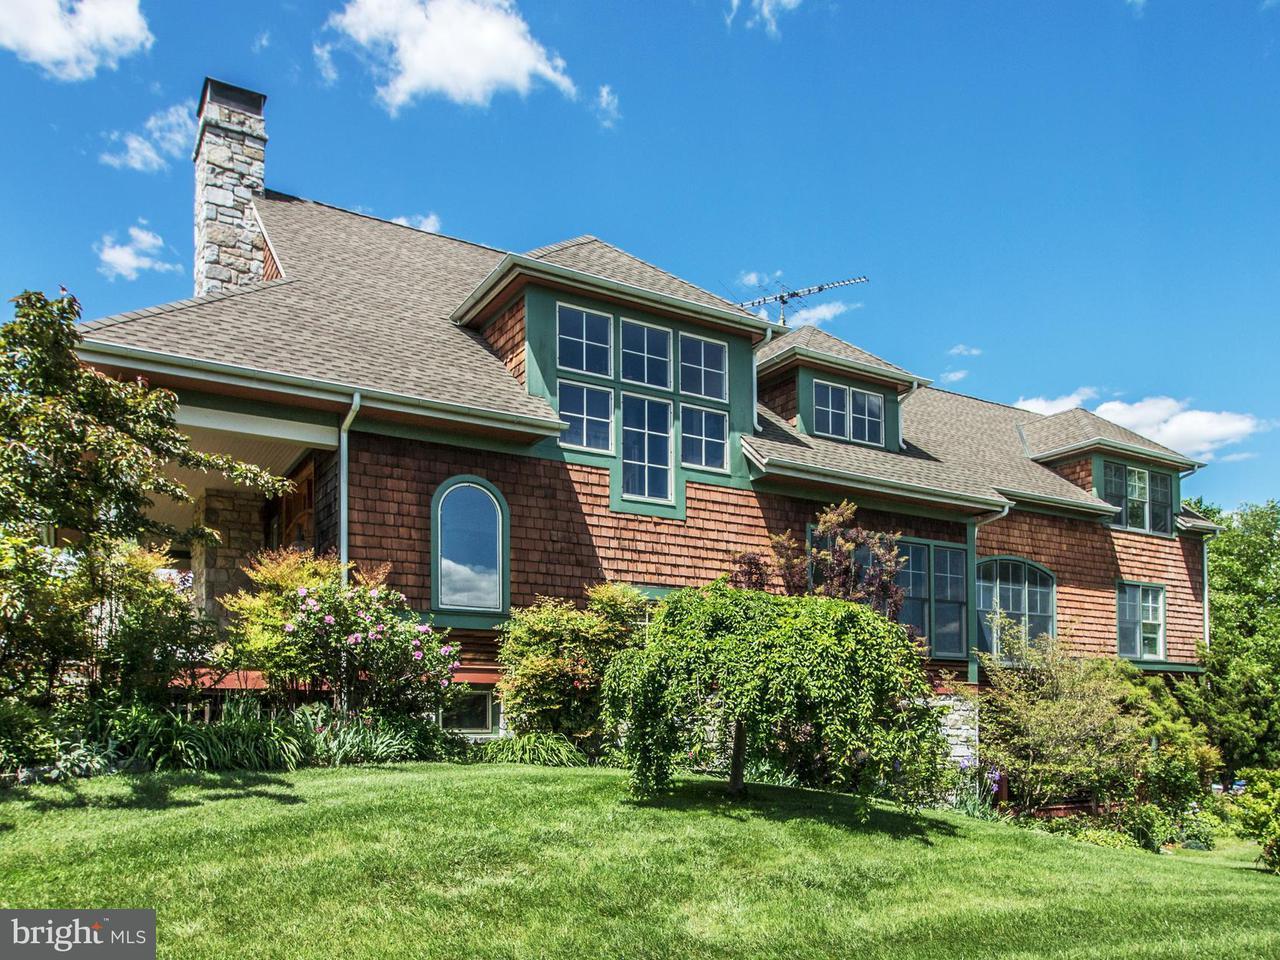 Μονοκατοικία για την Πώληση στο 10825 MCFARLAND Road 10825 MCFARLAND Road Mercersburg, Πενσιλβανια 17236 Ηνωμενεσ Πολιτειεσ